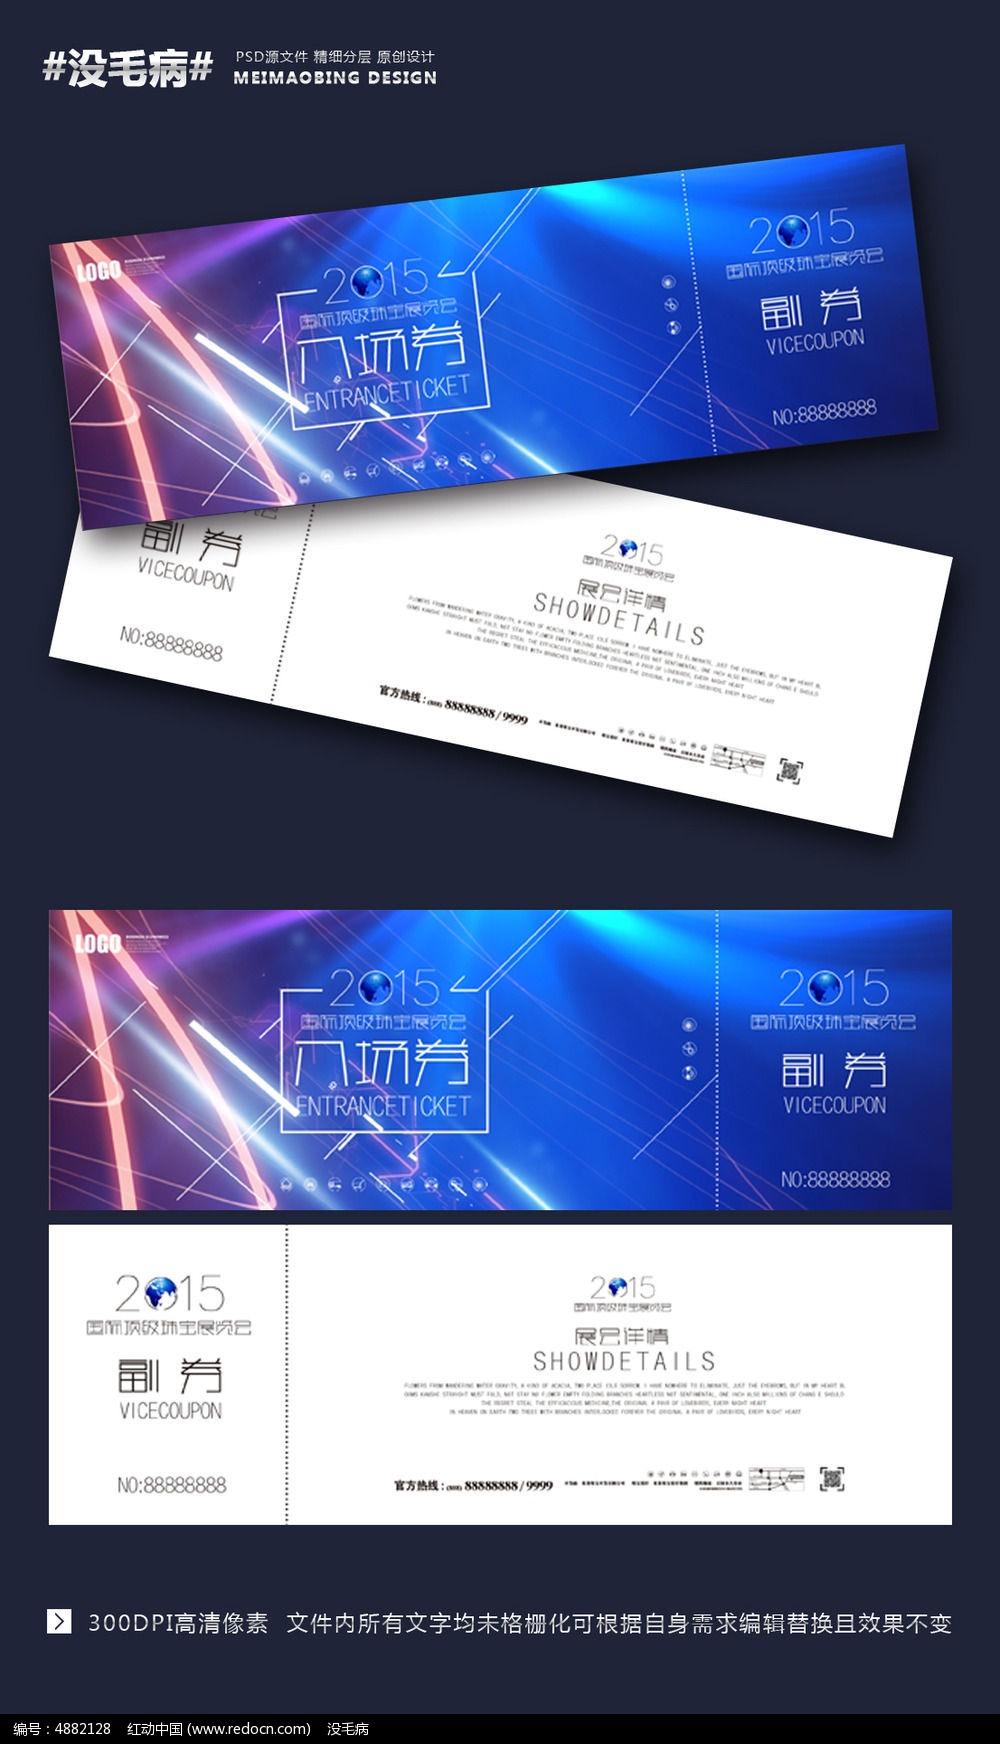 蓝色科技讲座入场券设计psd素材下载